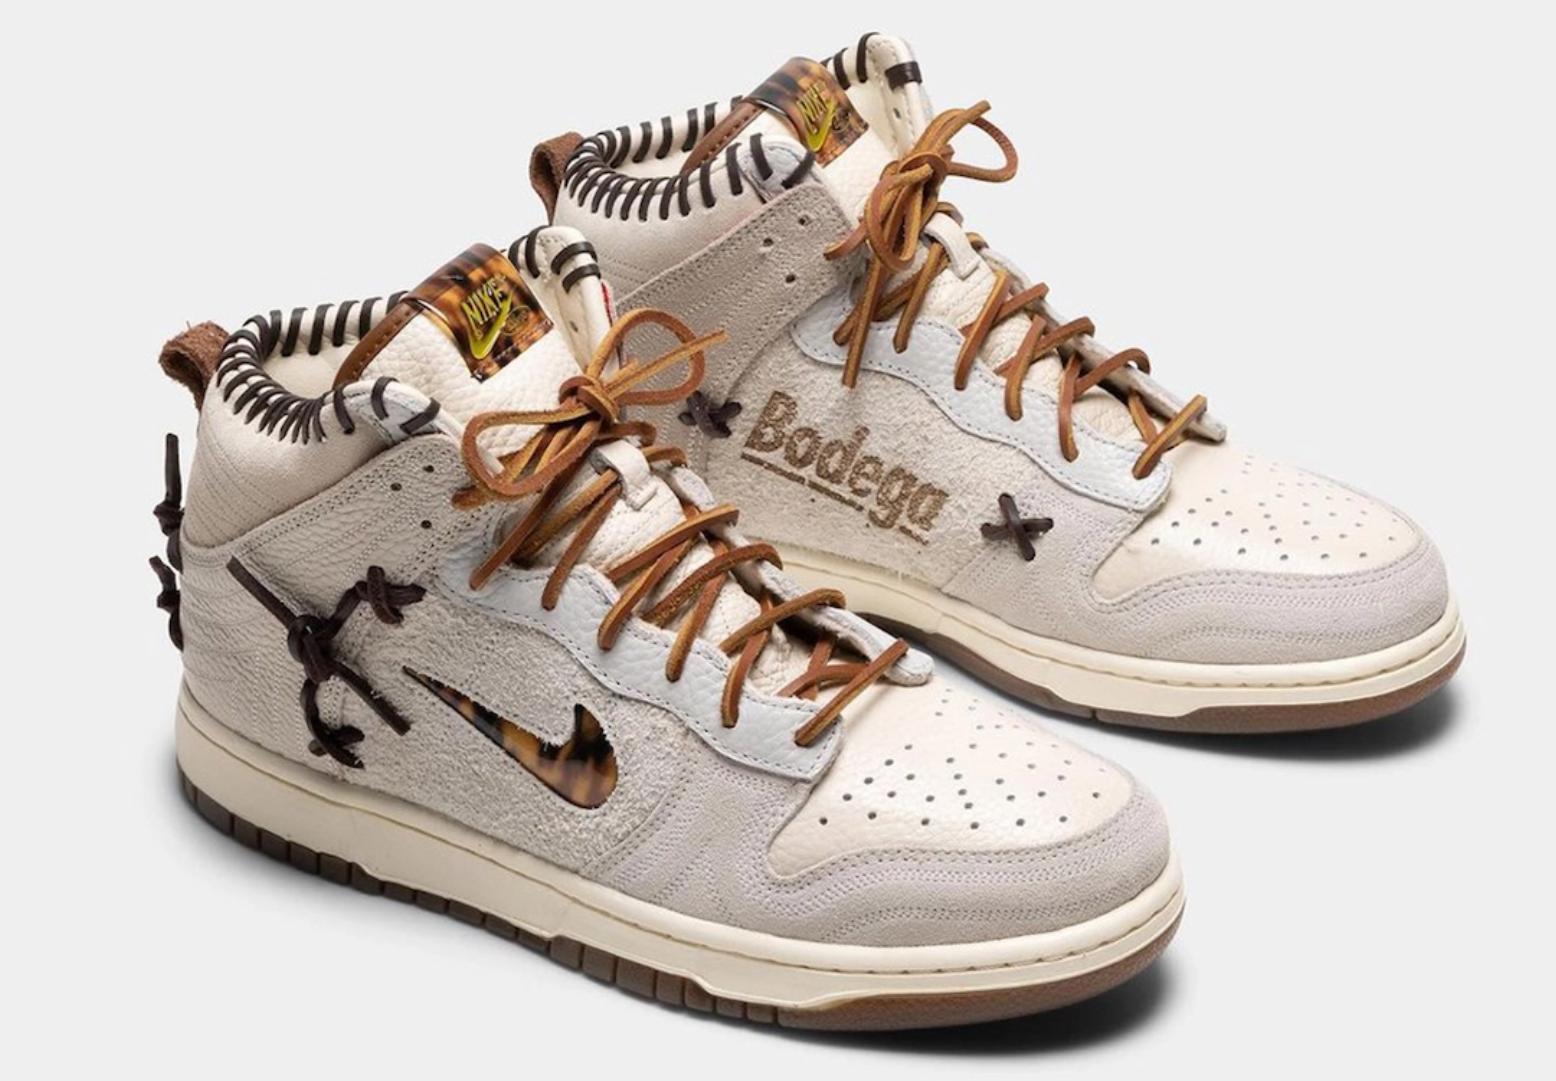 ボデガ × ナイキ ダンク ハイ Bodega-Nike-Dunk-High-Fauna-Brown-Rustic-Velvet-Brown-Multi-Color-CZ8125-200 CZ8125-200 ff